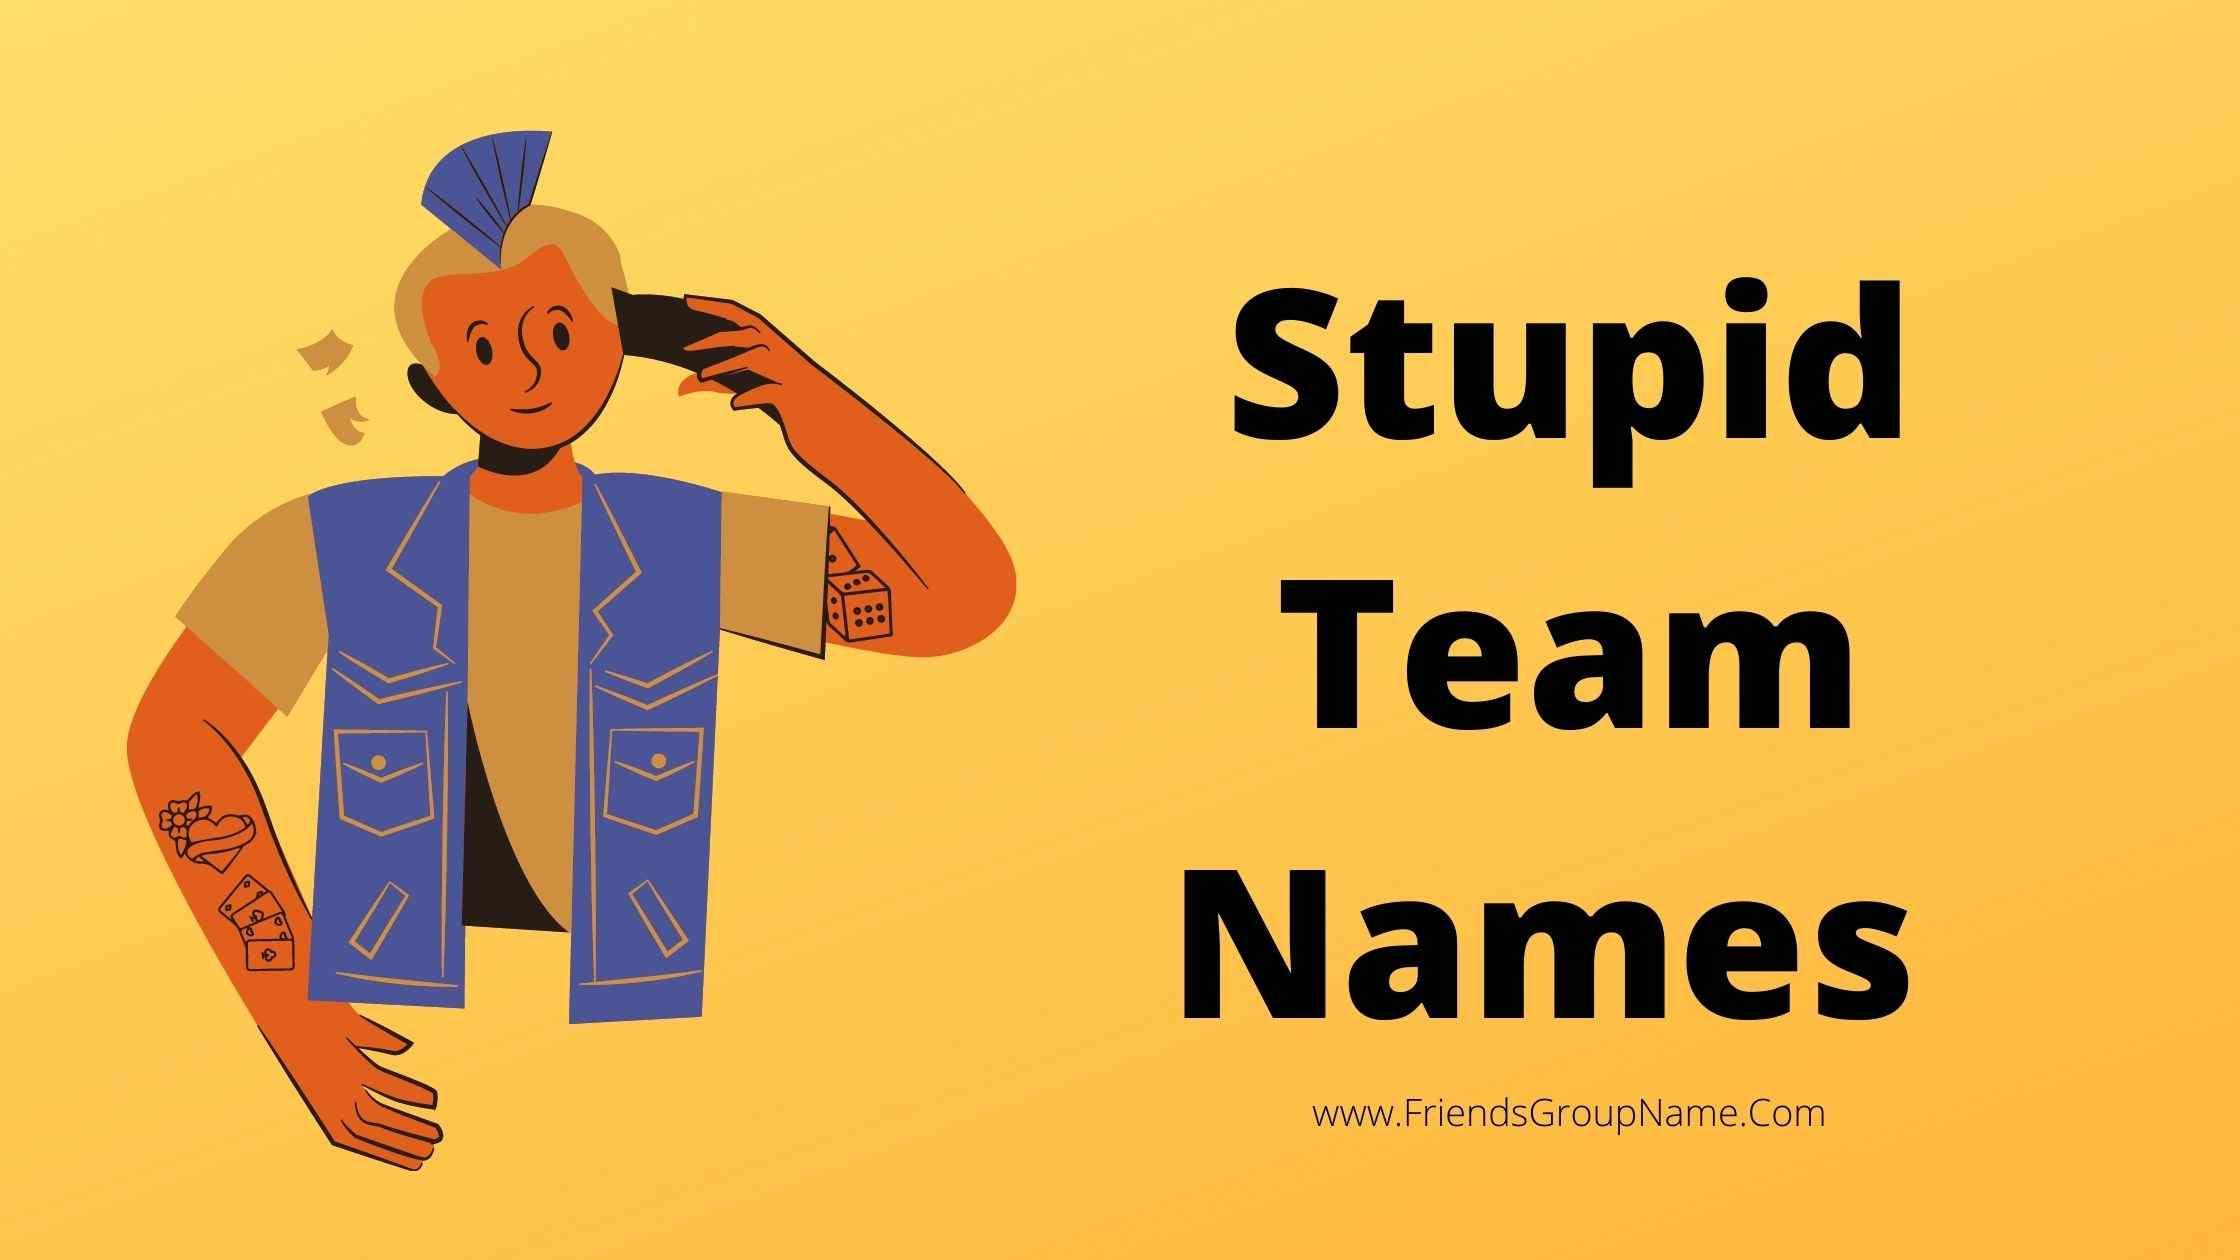 Stupid Team Names